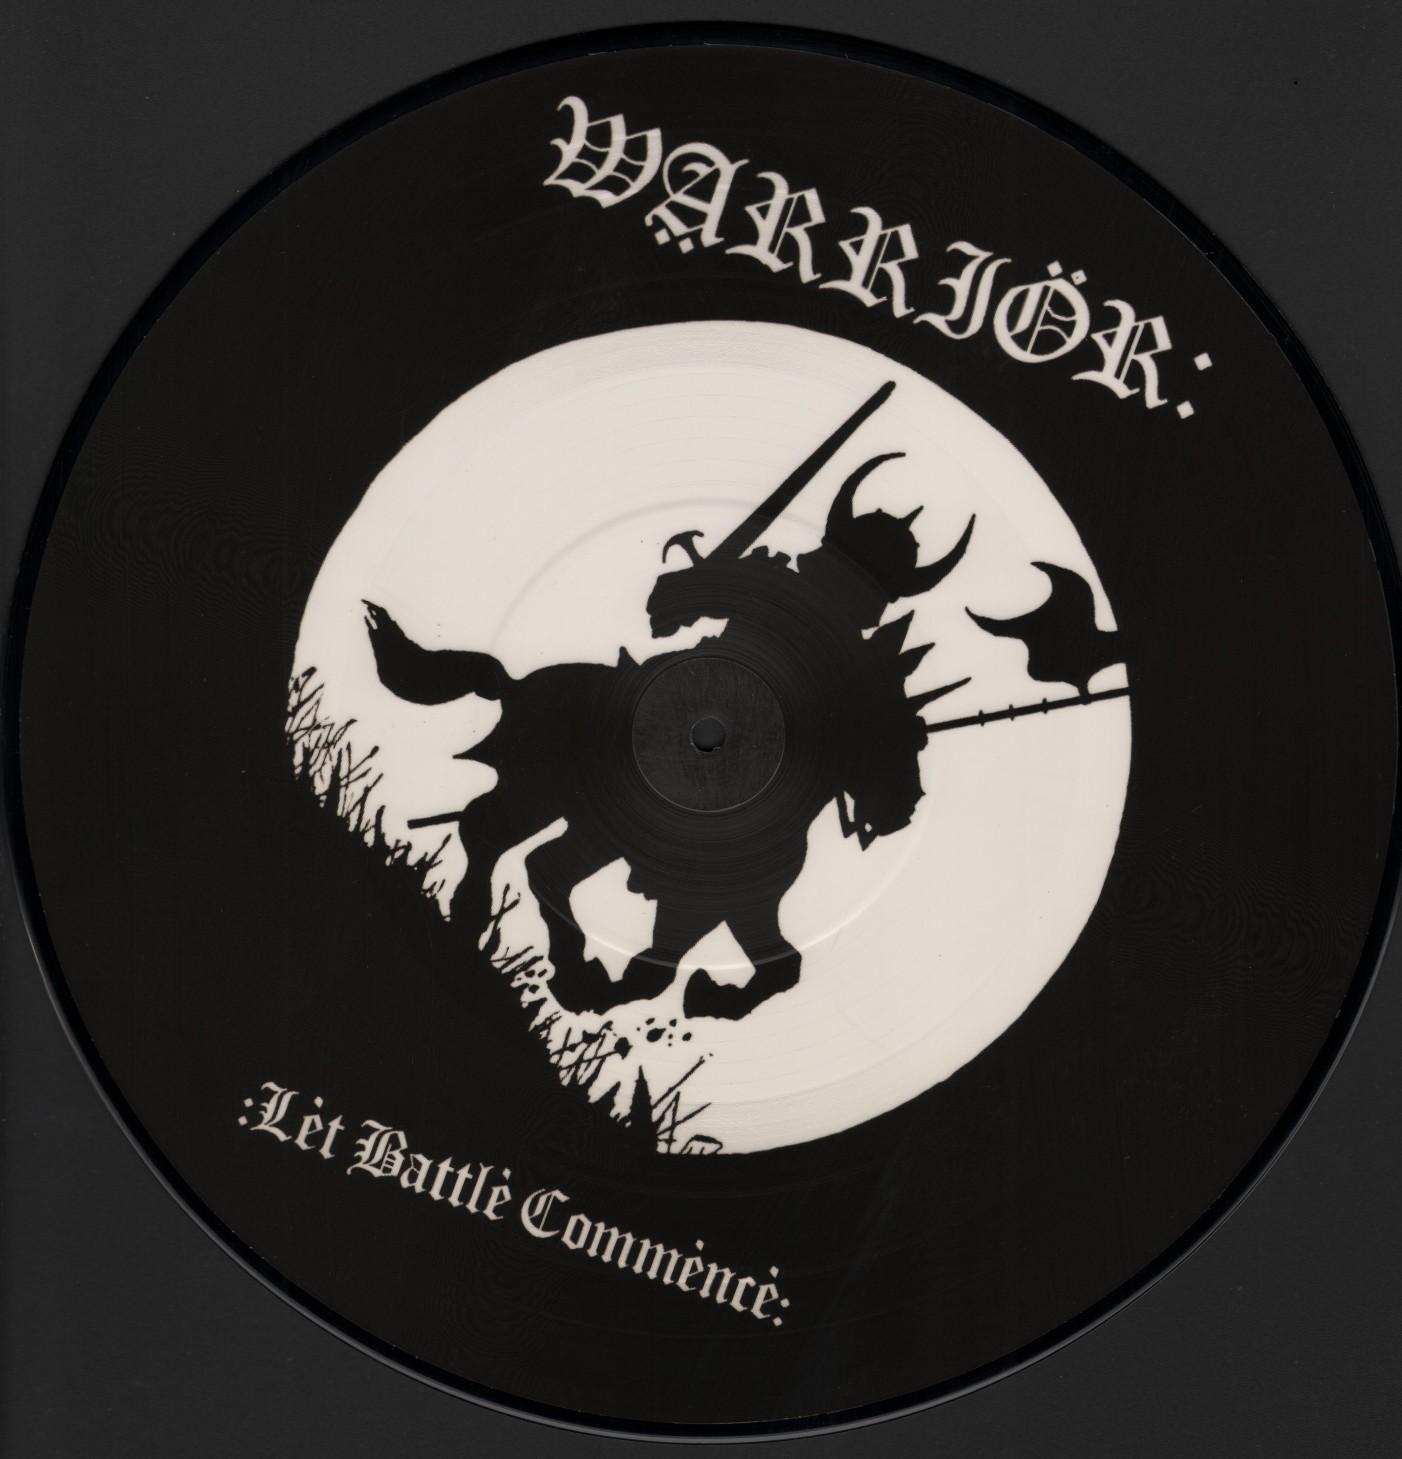 Warrior - Let Battle Commence